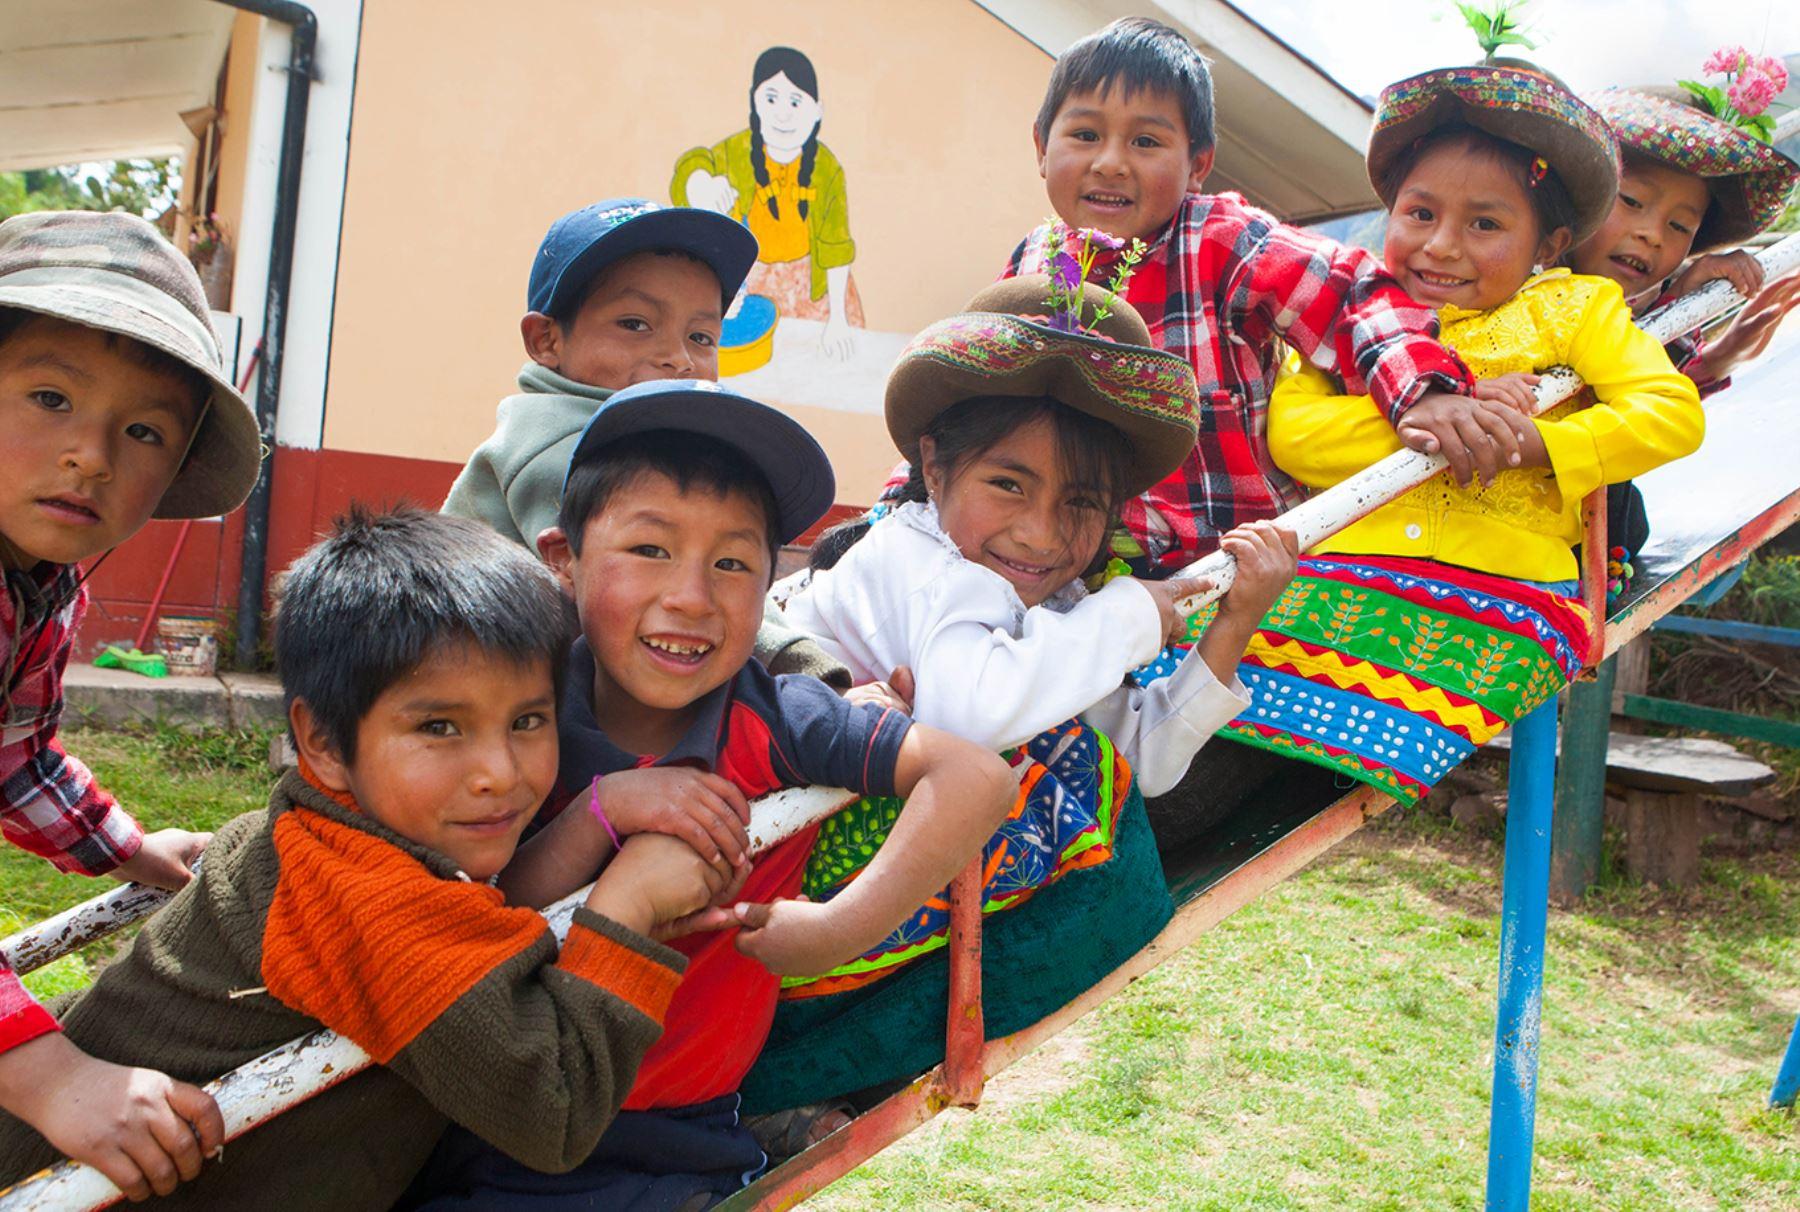 Peru at UN